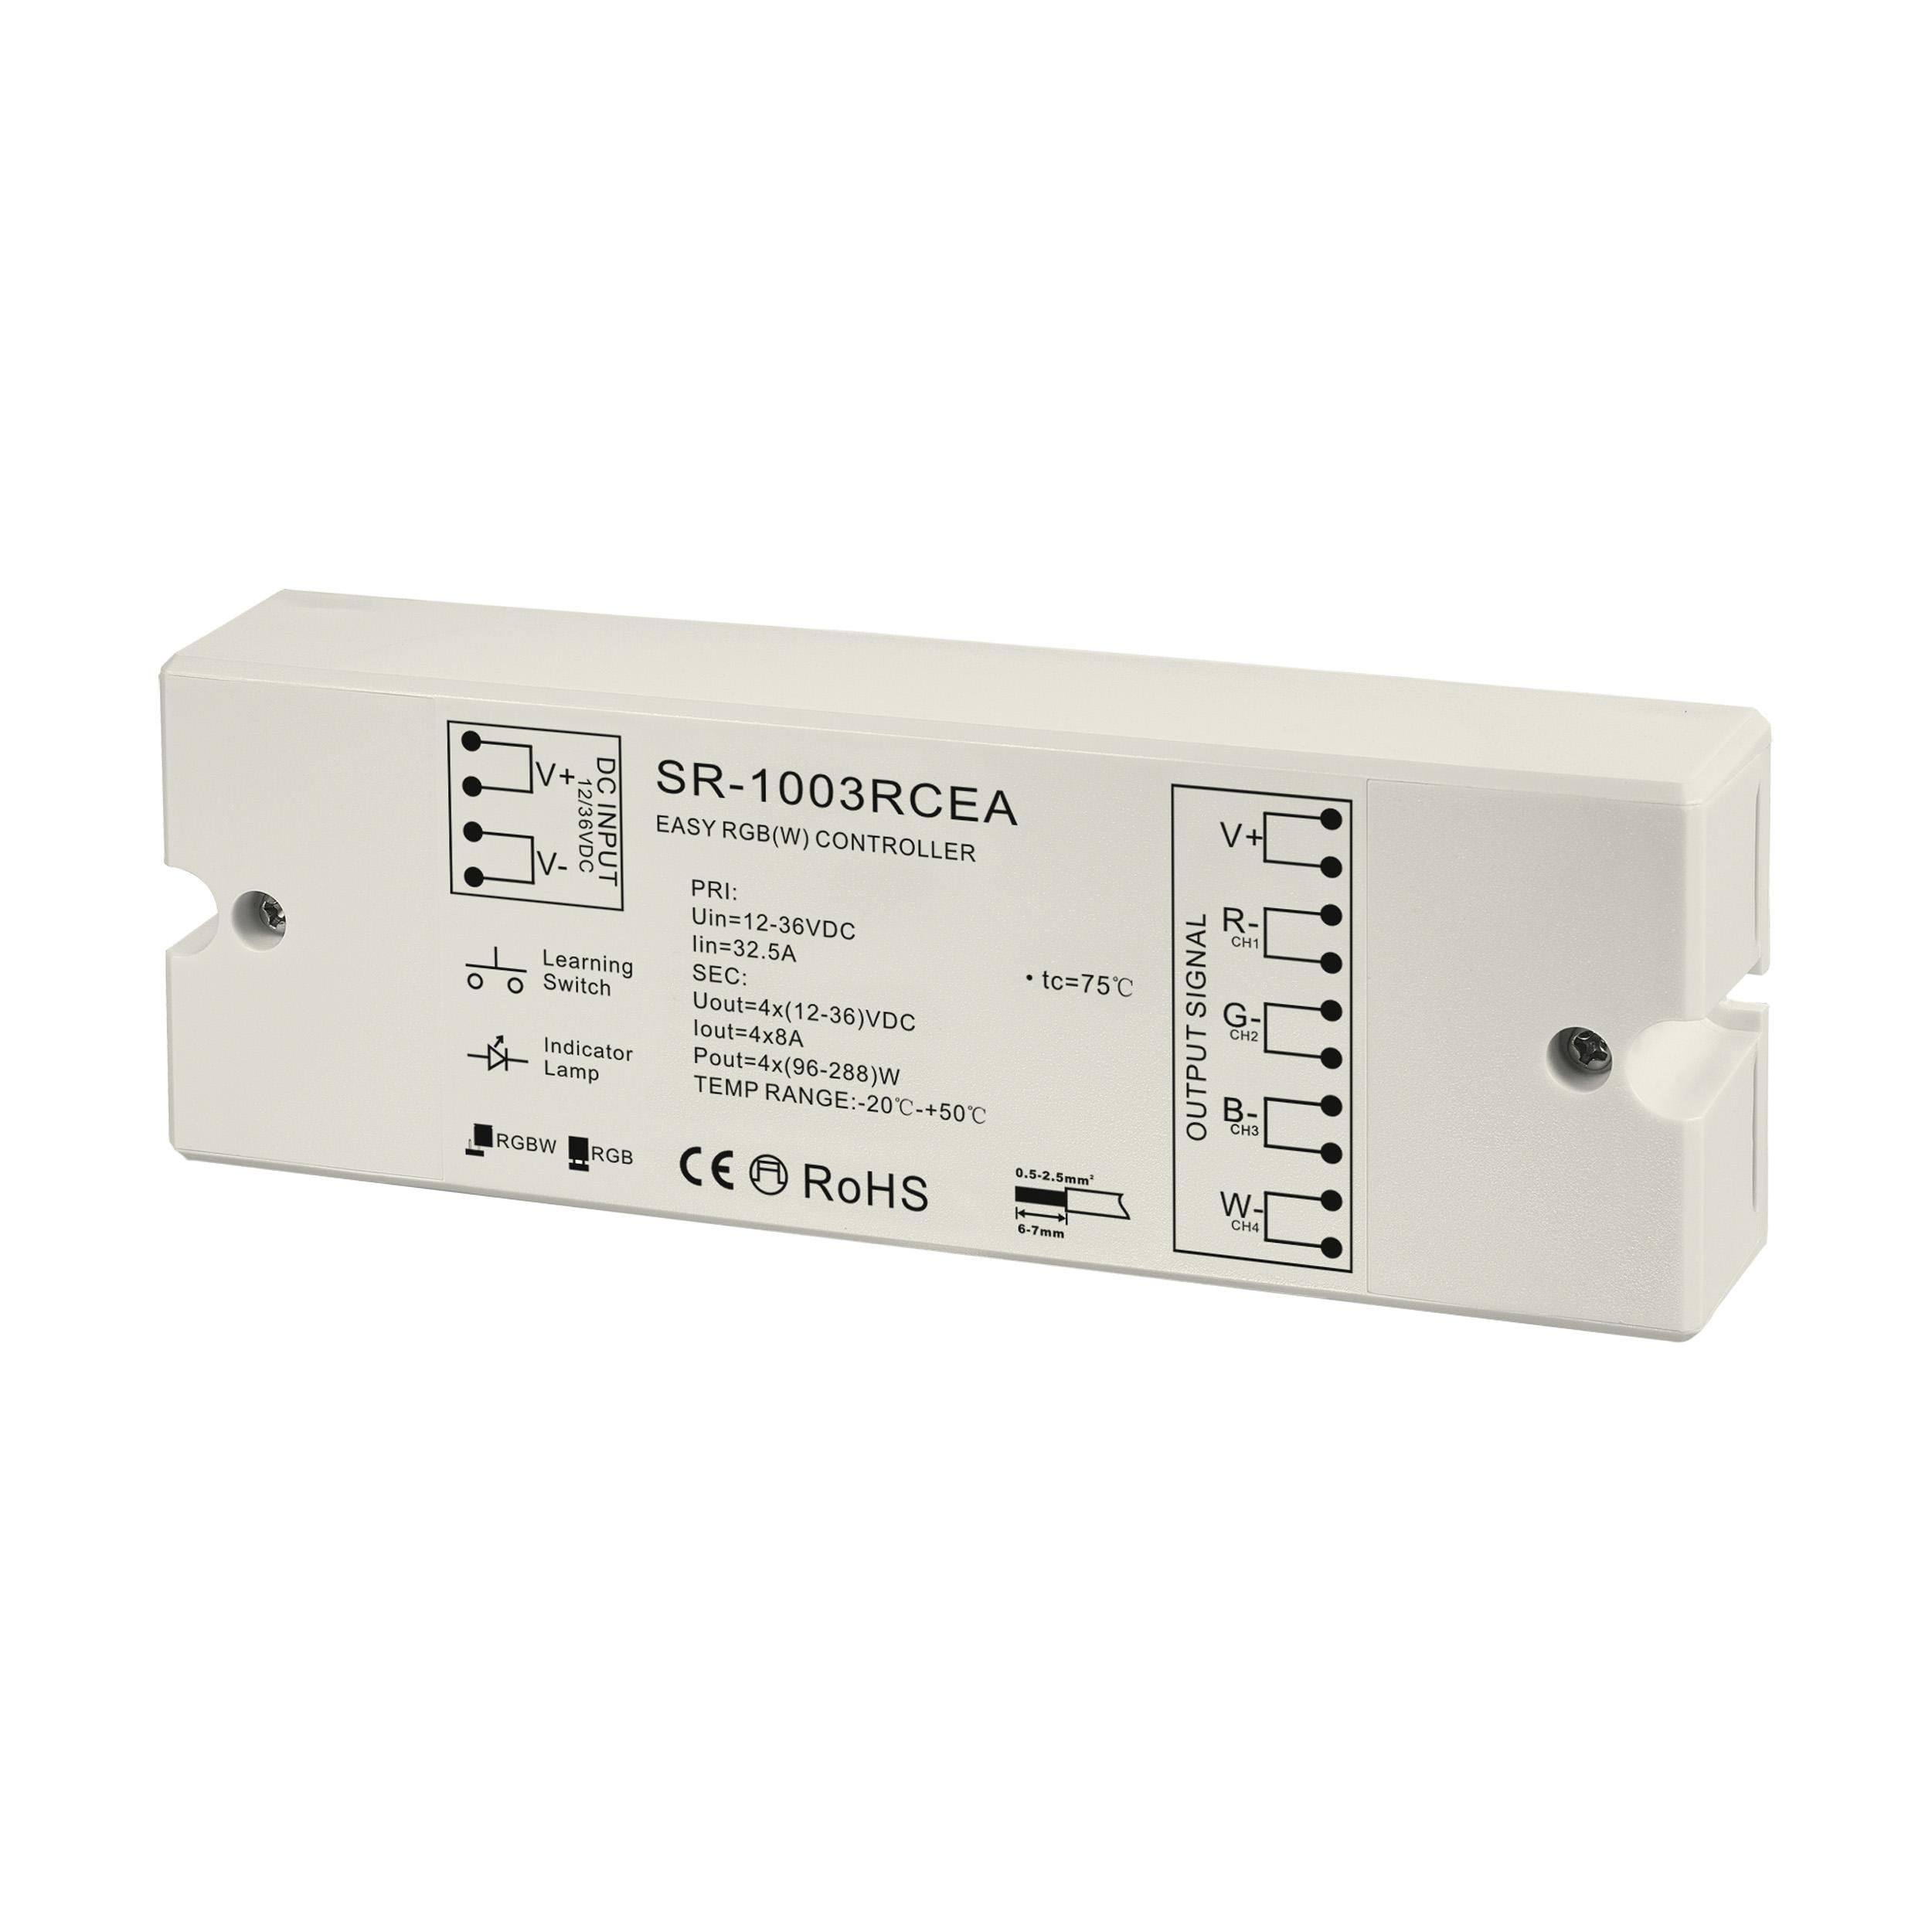 1 Stk LED RF Controller RGBW Empfänger 4x8A 768W 24V 768W IP20 LI66358---